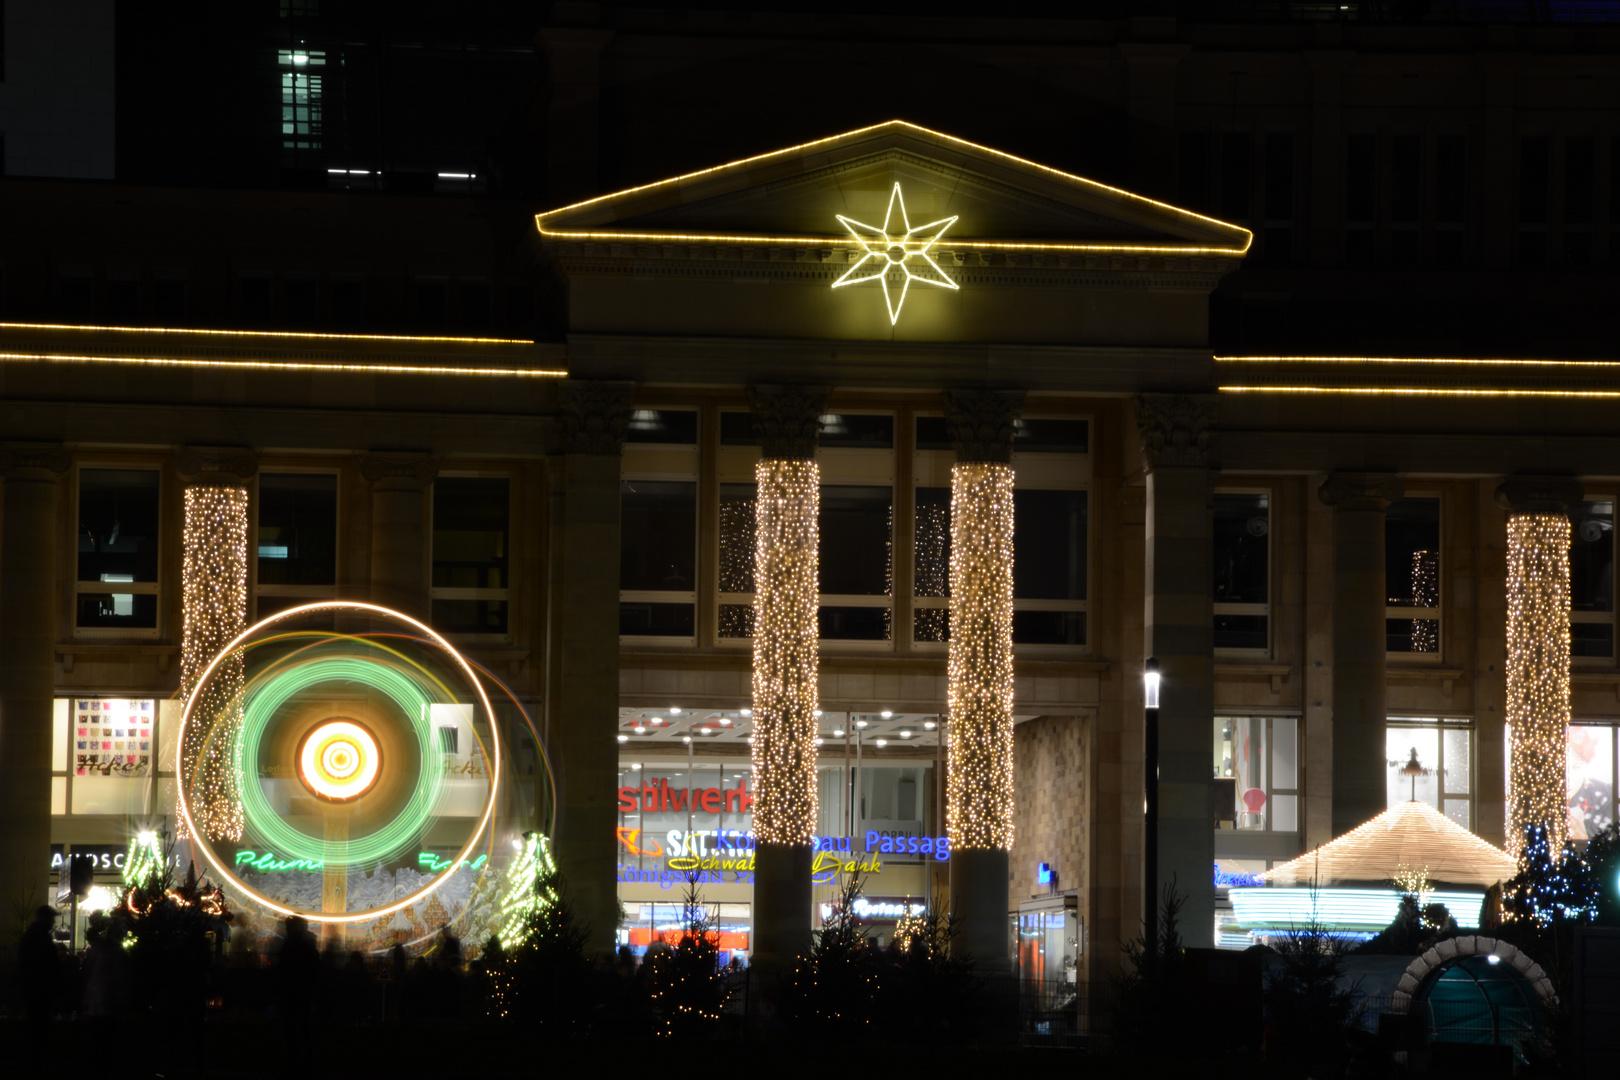 Stuttgarter Weihnachtsmarkt 2013